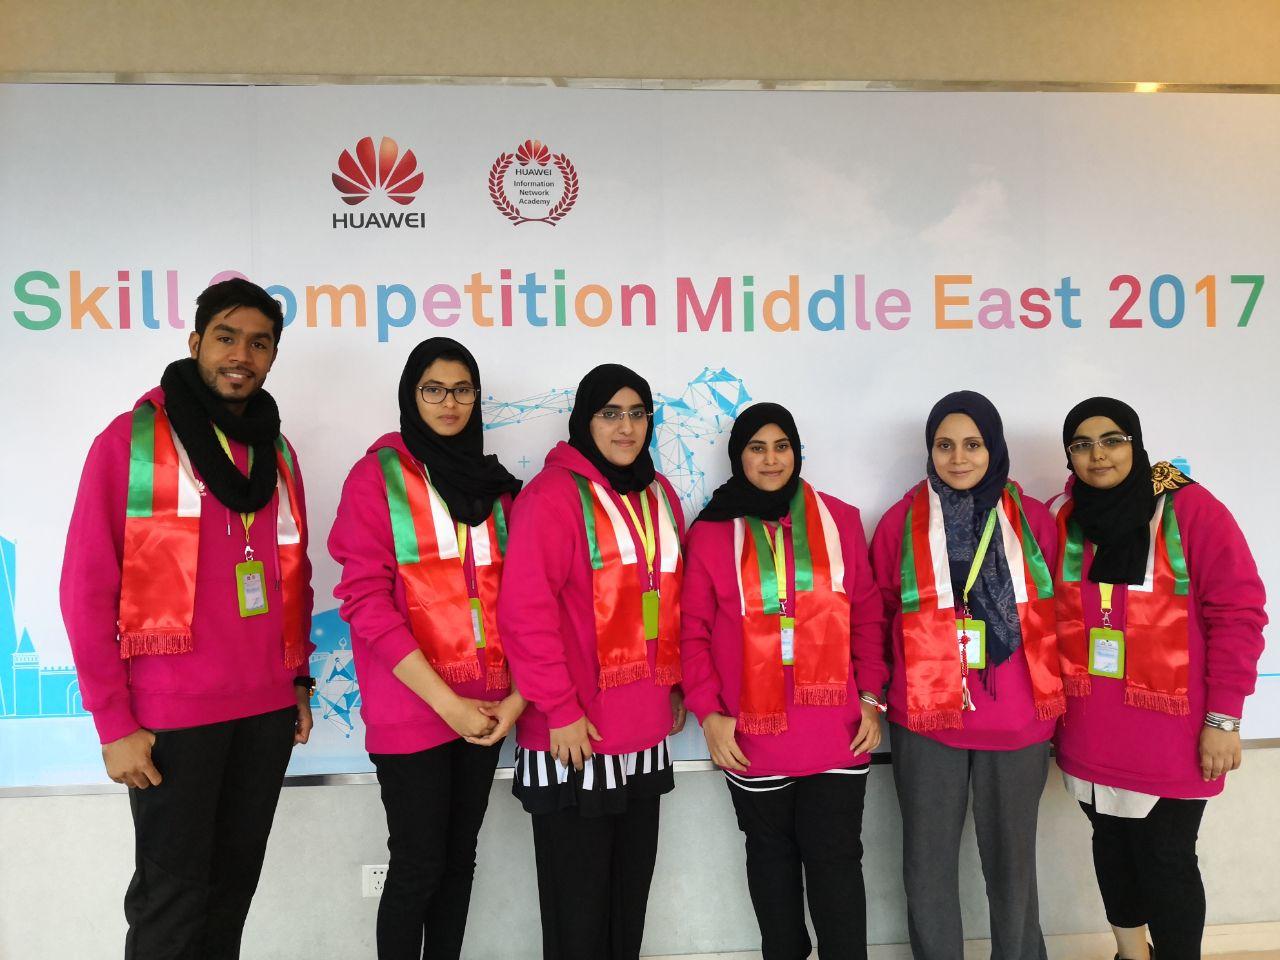 طالبة من جامعة السلطان قابوس تفوز بمسابقة هواوي الدولية